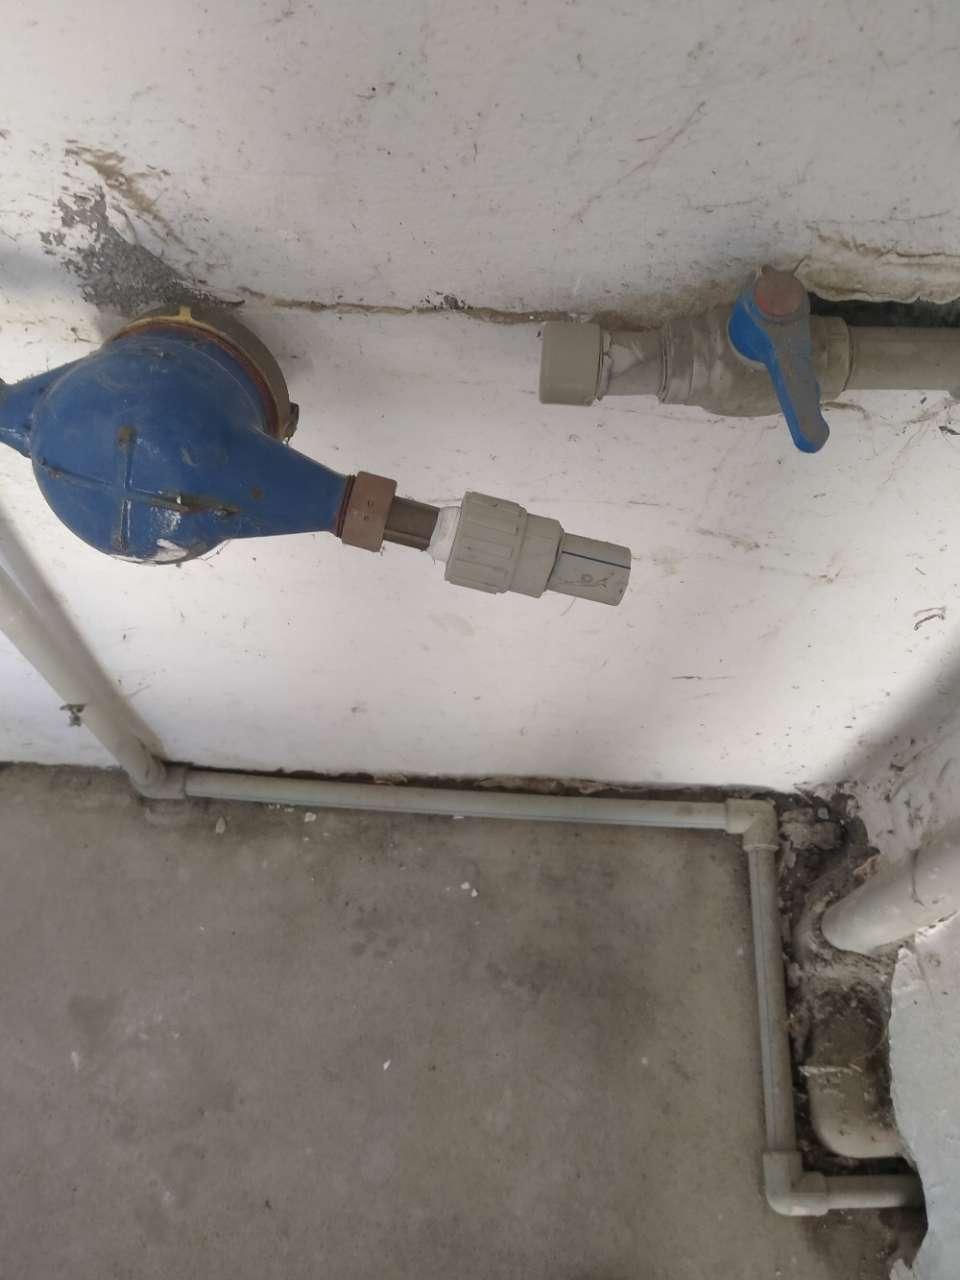 【求助】水管被恶意剪断,我该怎么怎么维权?